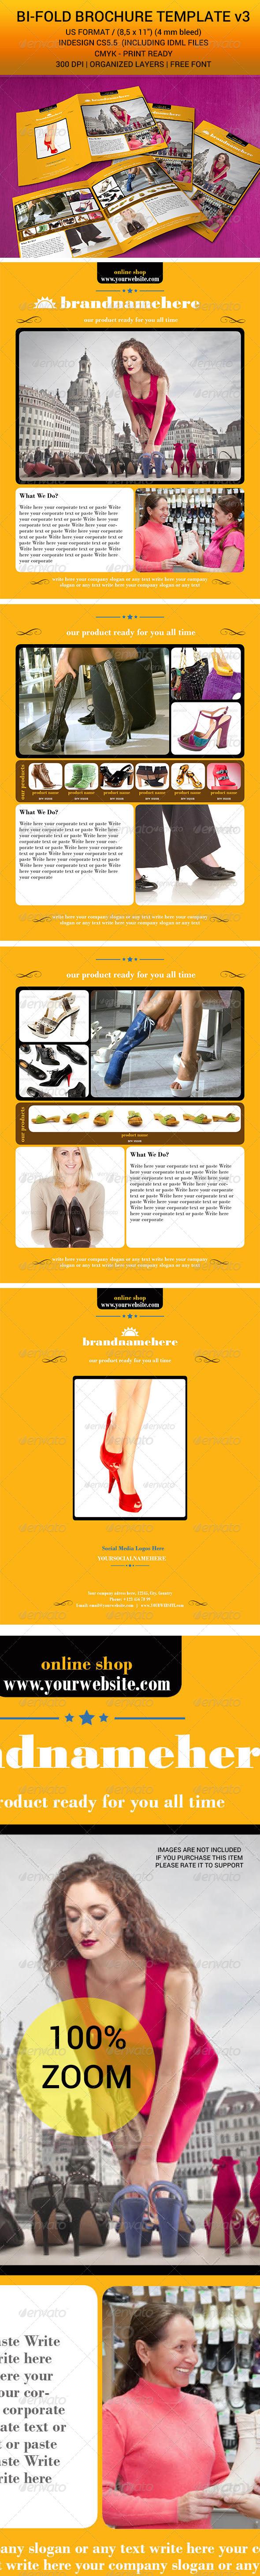 Bi-Fold Brochure Indesign Template v3 - Corporate Brochures